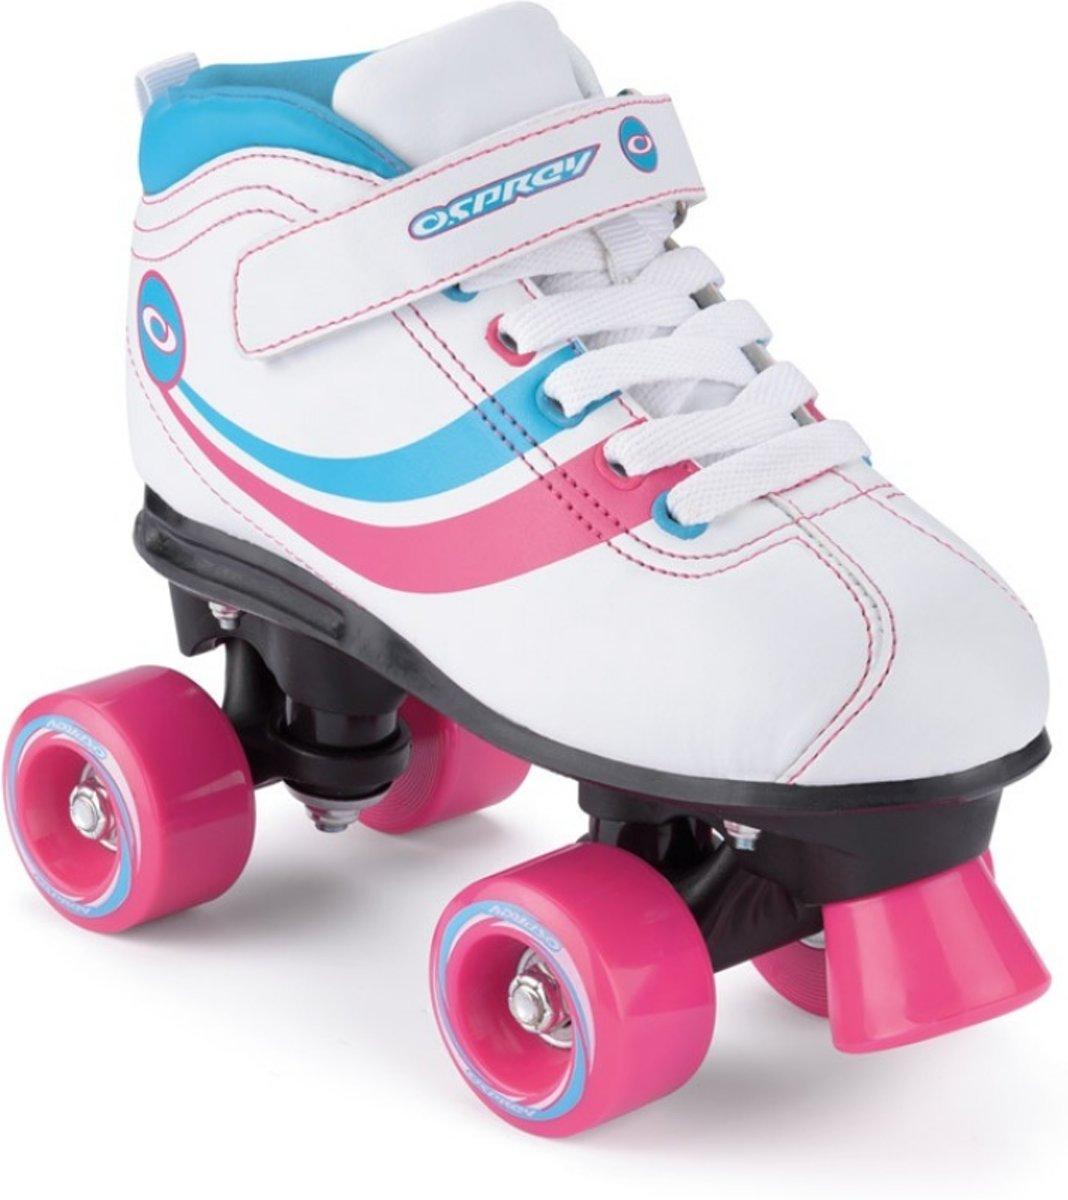 Osprey Roller Skates White-4 kopen